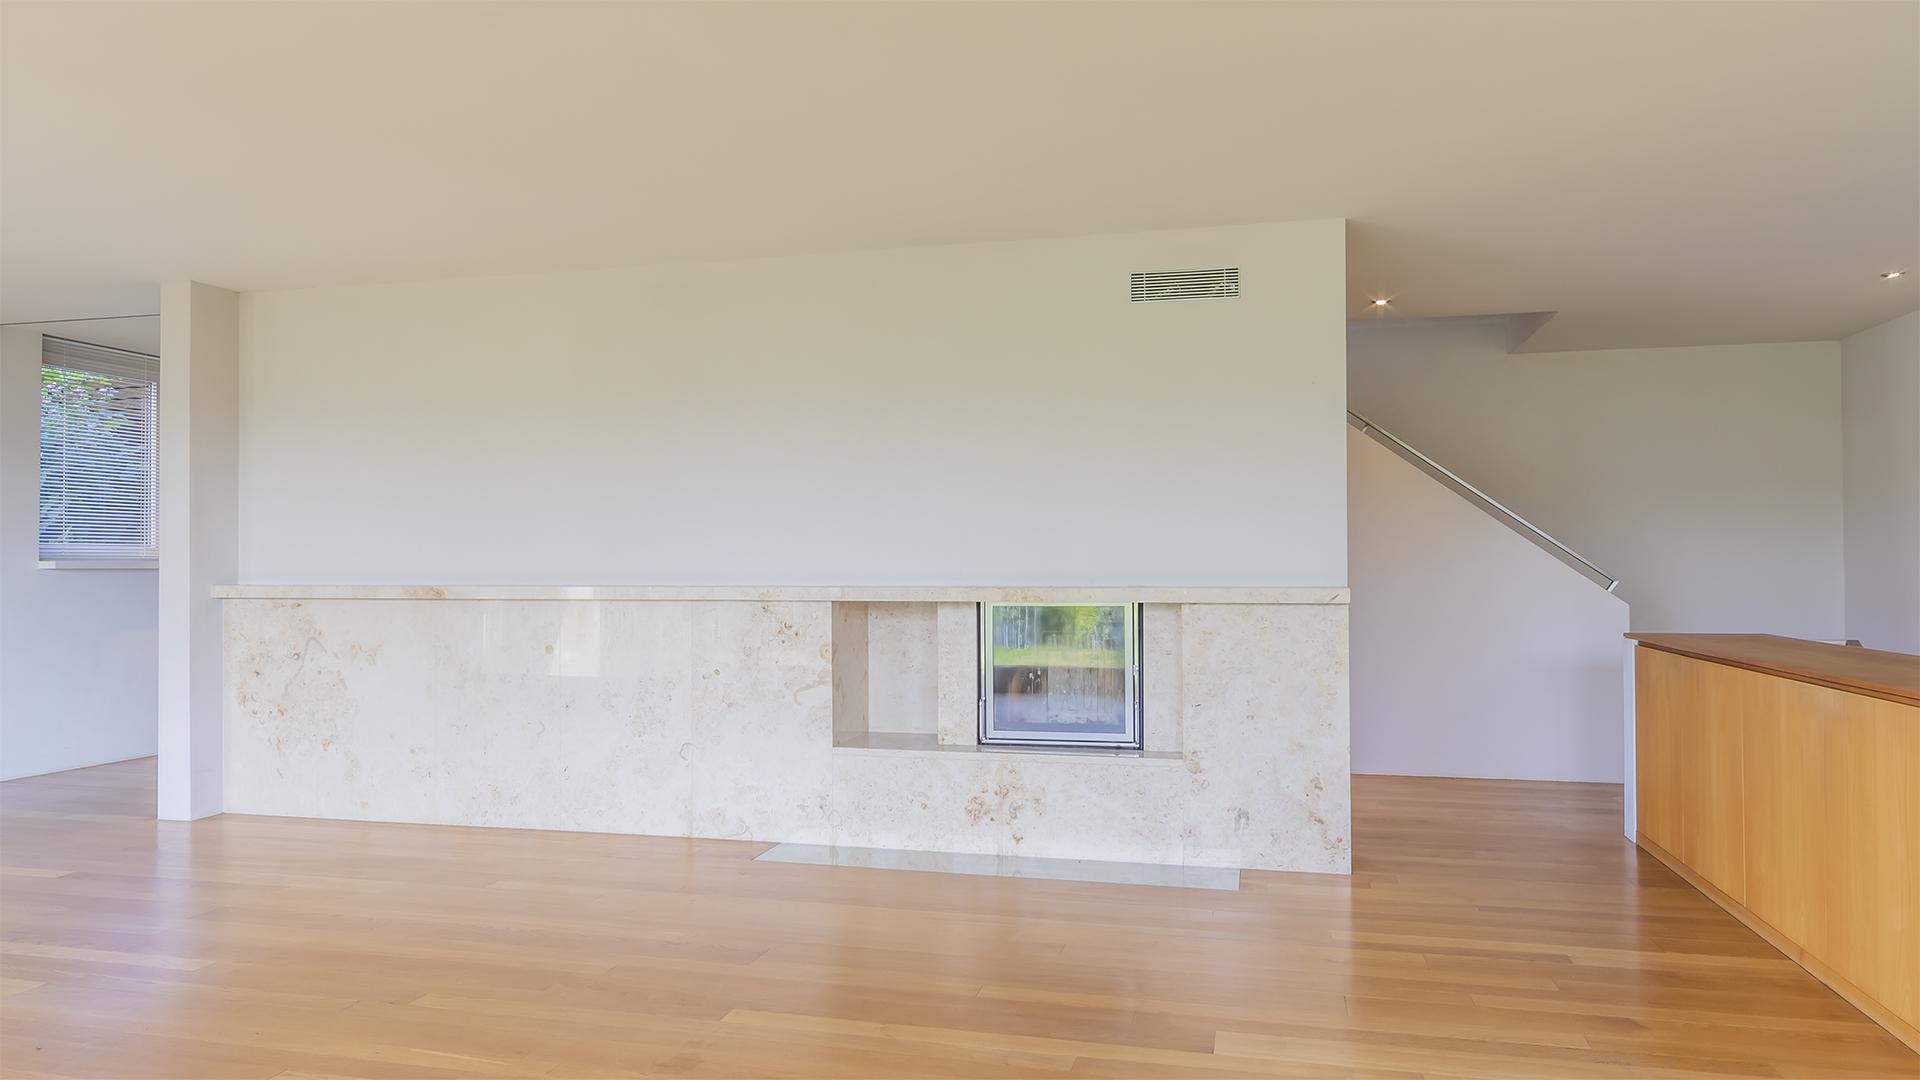 Das Haus überzeugt mit einem offenen und grosszügigen Grundriss.